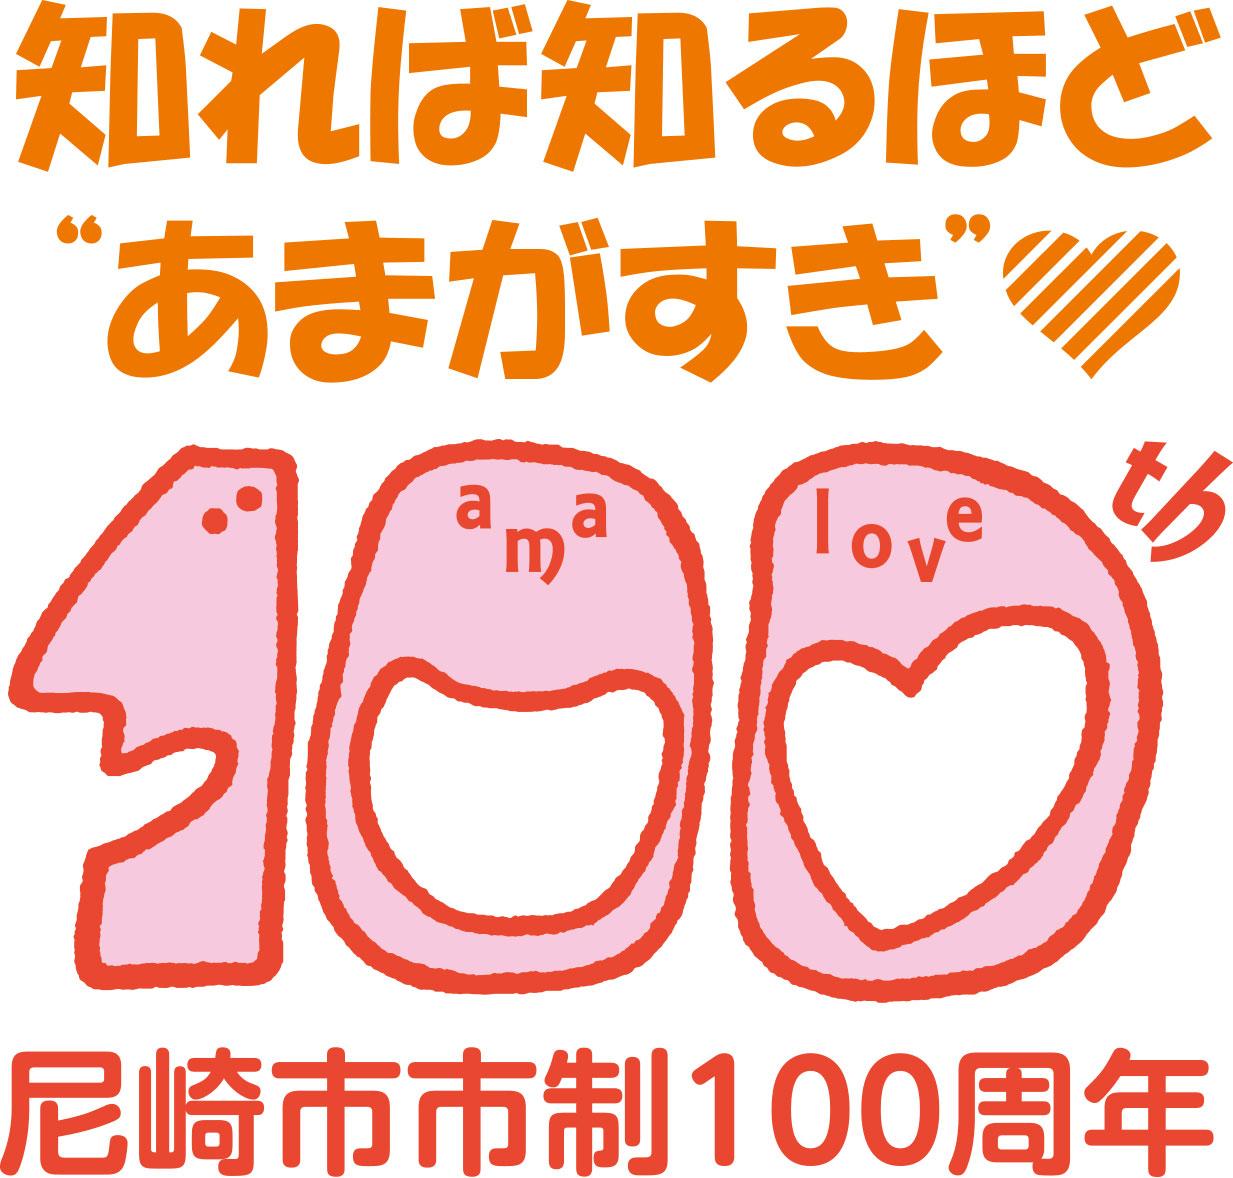 尼100周年ロゴ